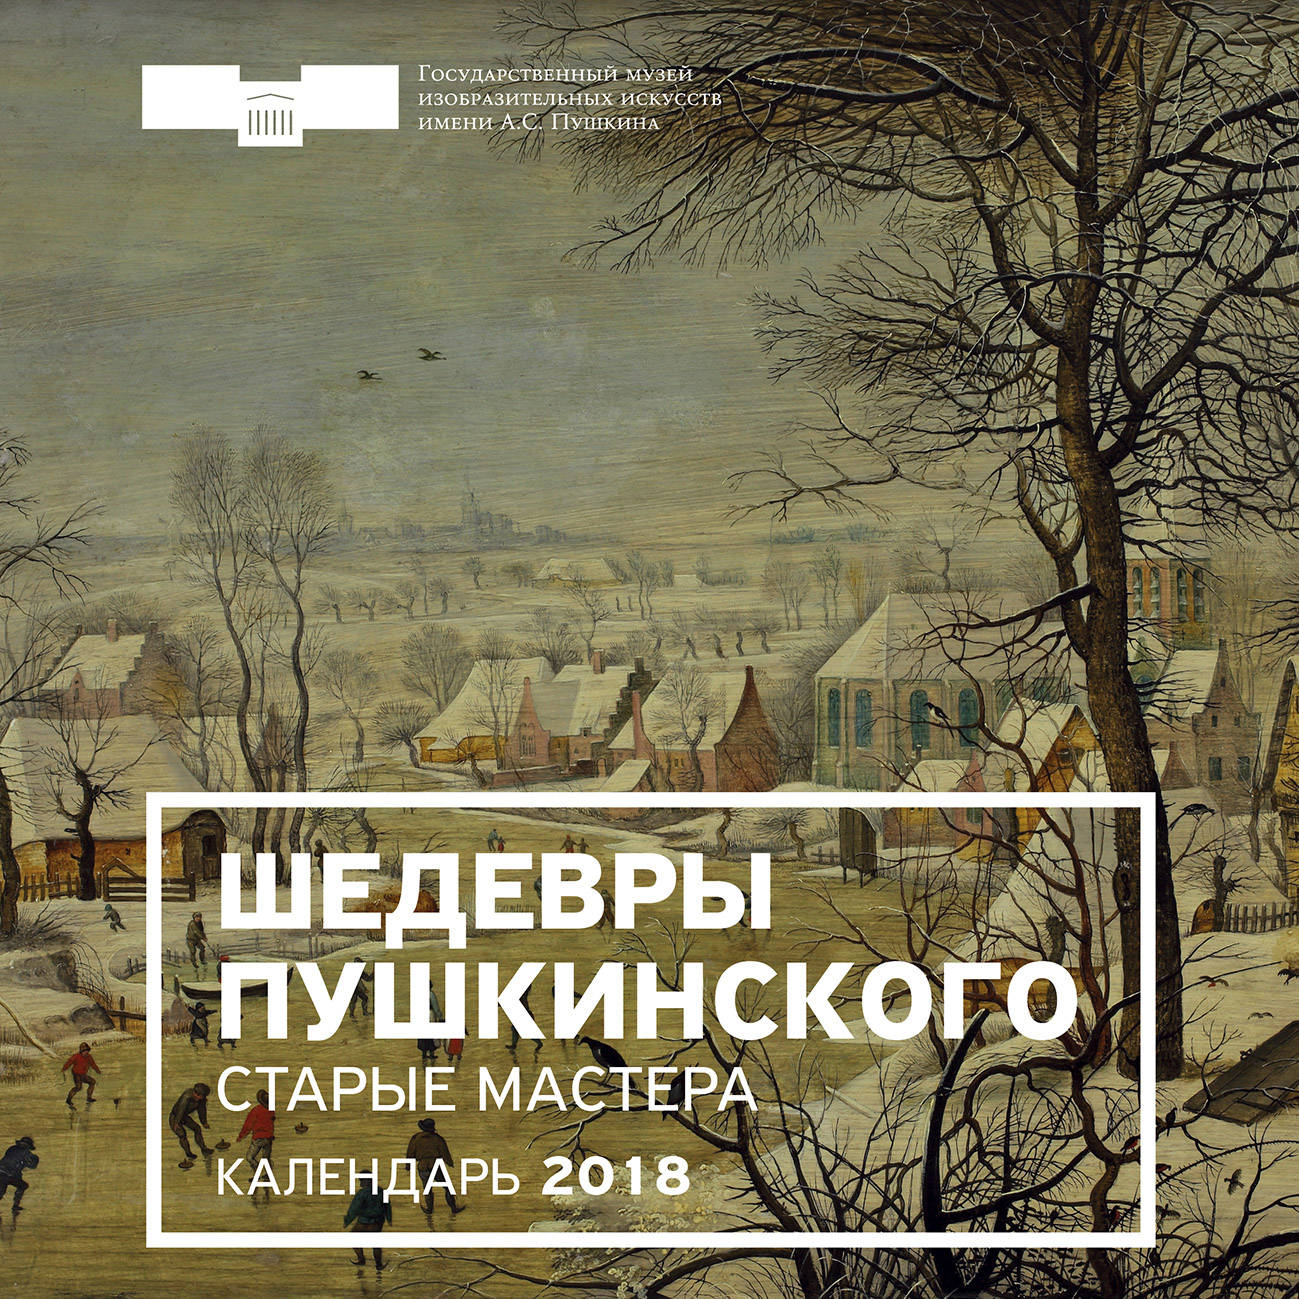 Шедевры Пушкинского. Старые мастера. Календарь настенный на 2018 год